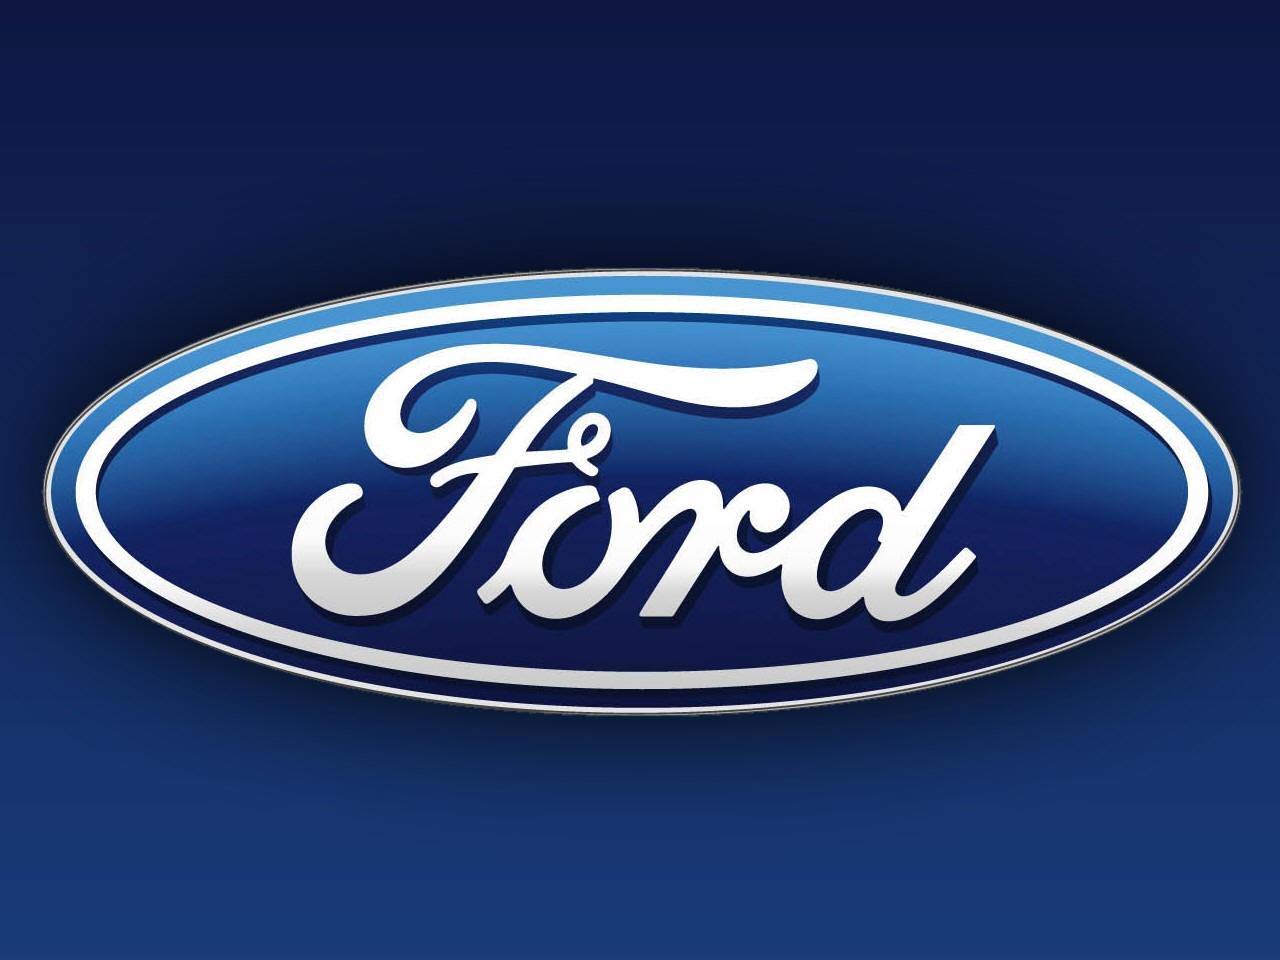 Ford анонсировал выпуск новой модели в 2021 году